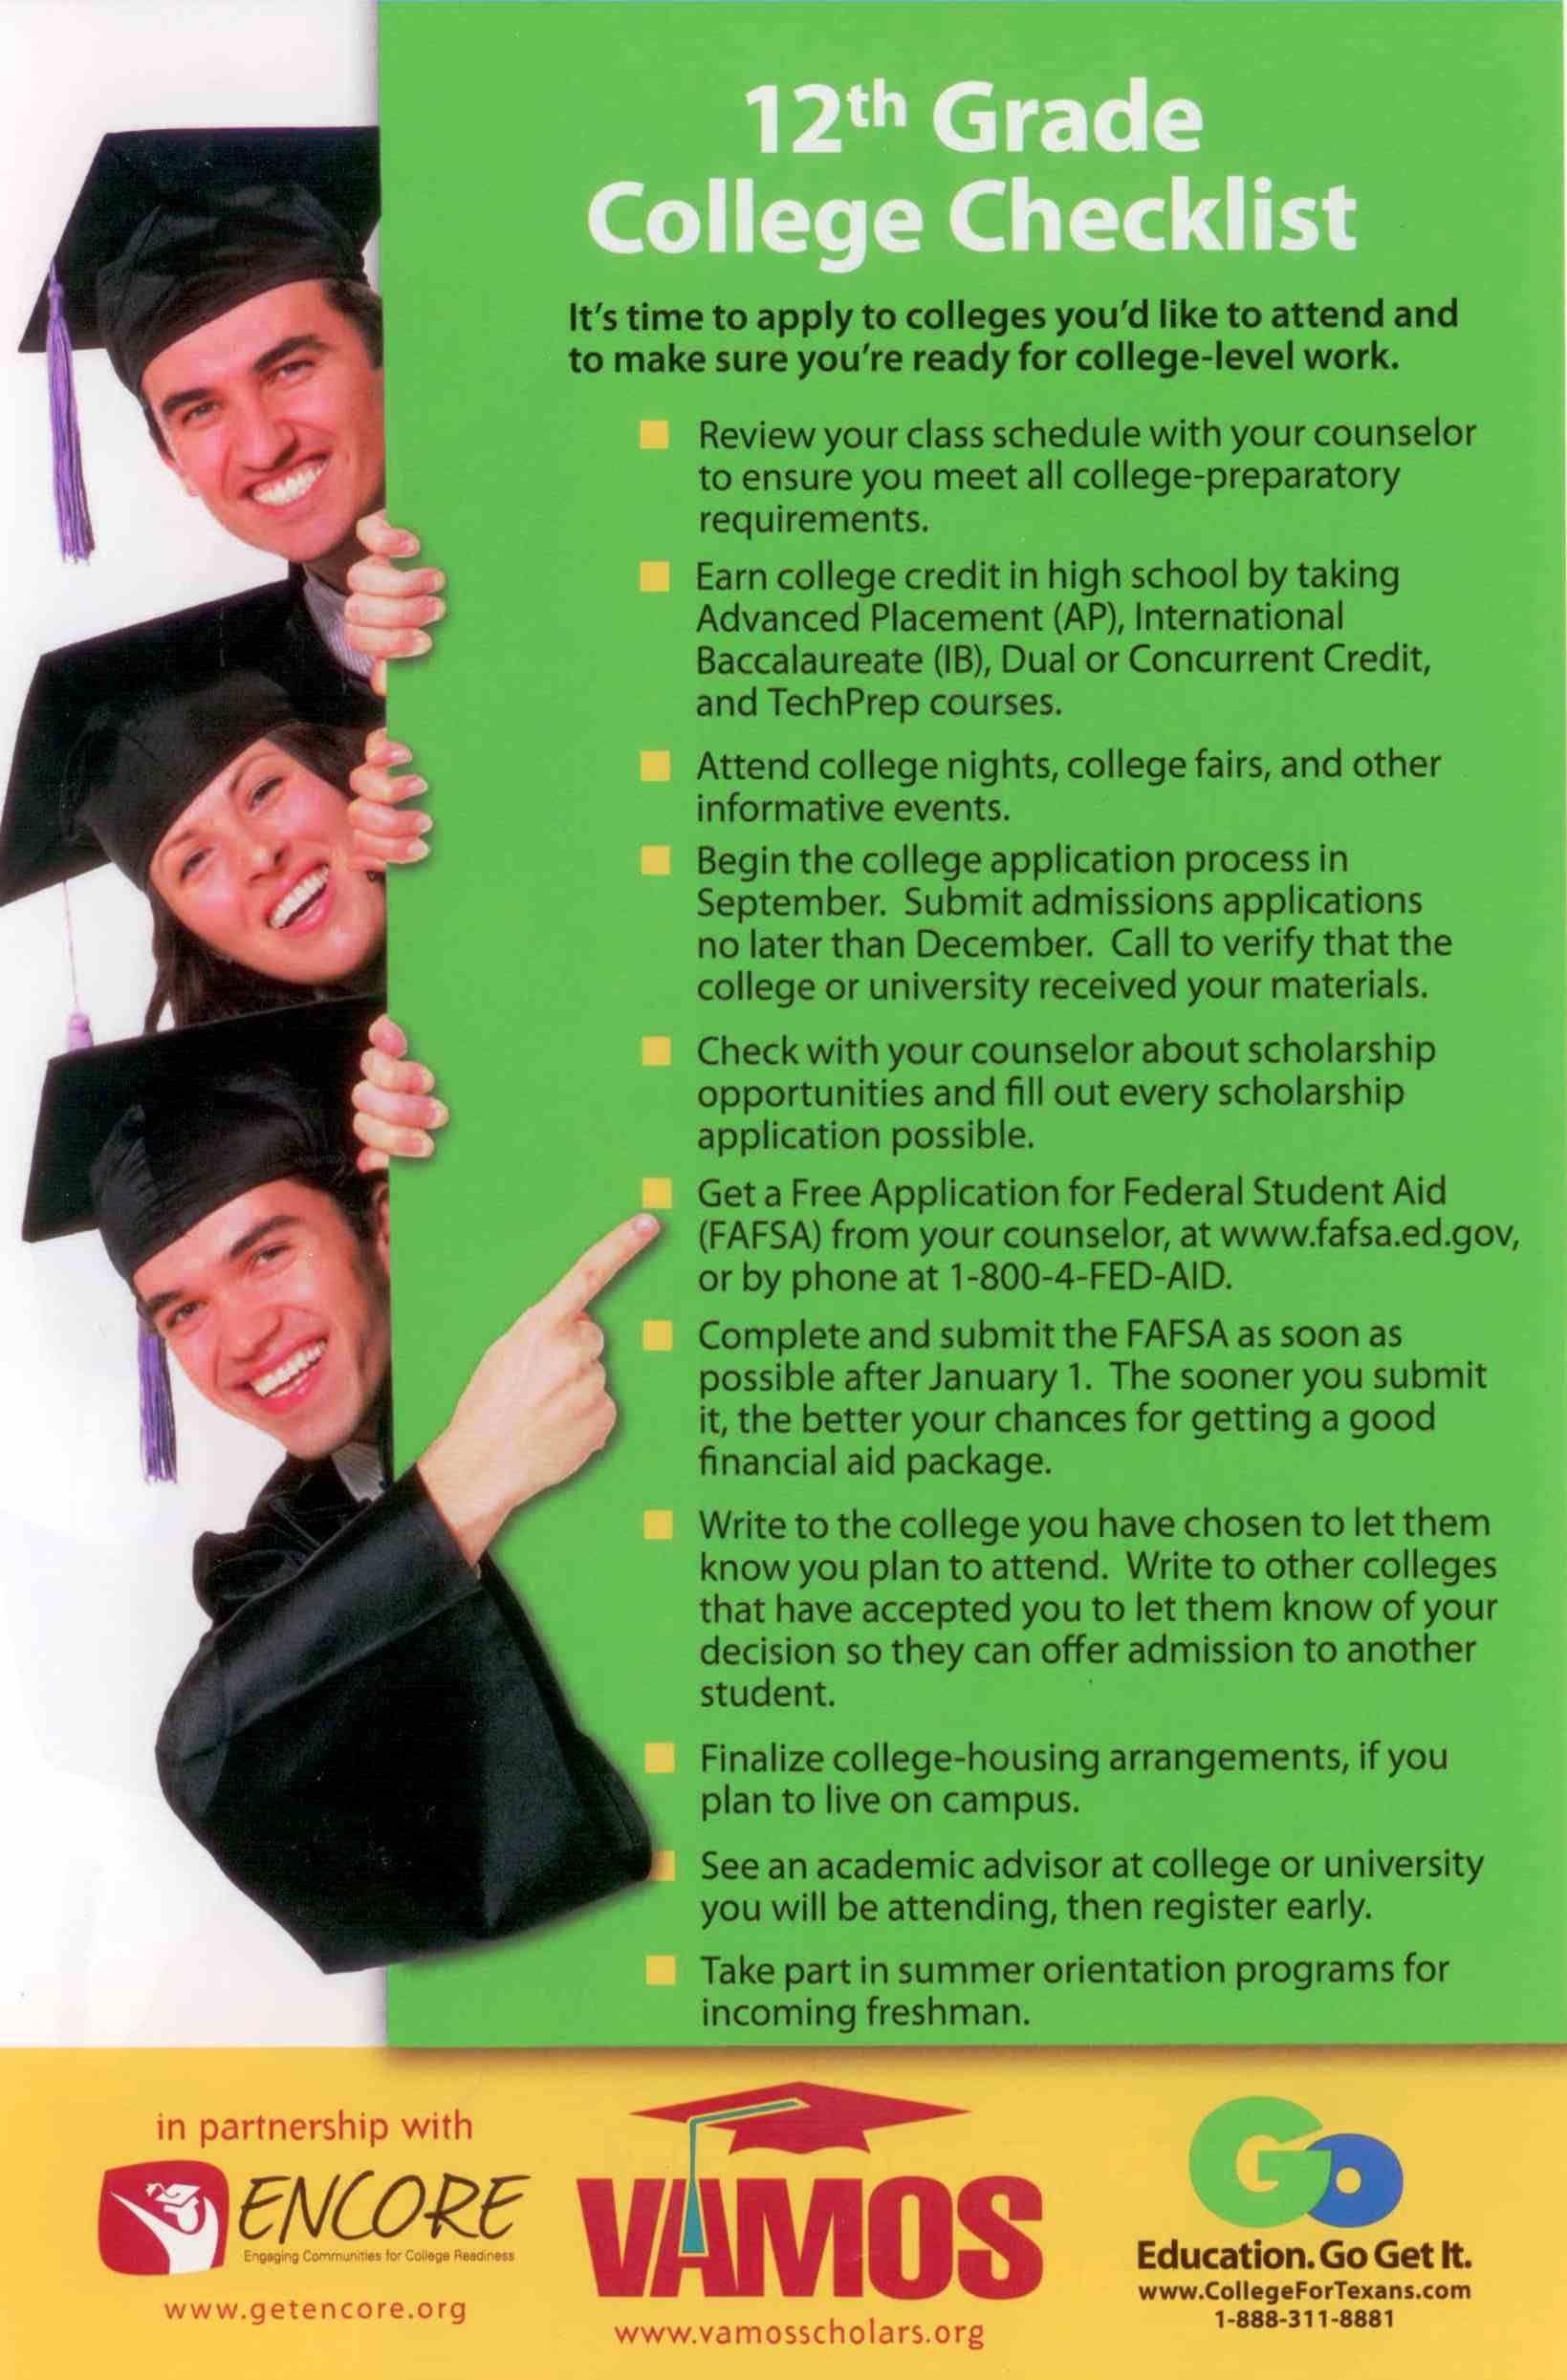 12th Grade College Checklist